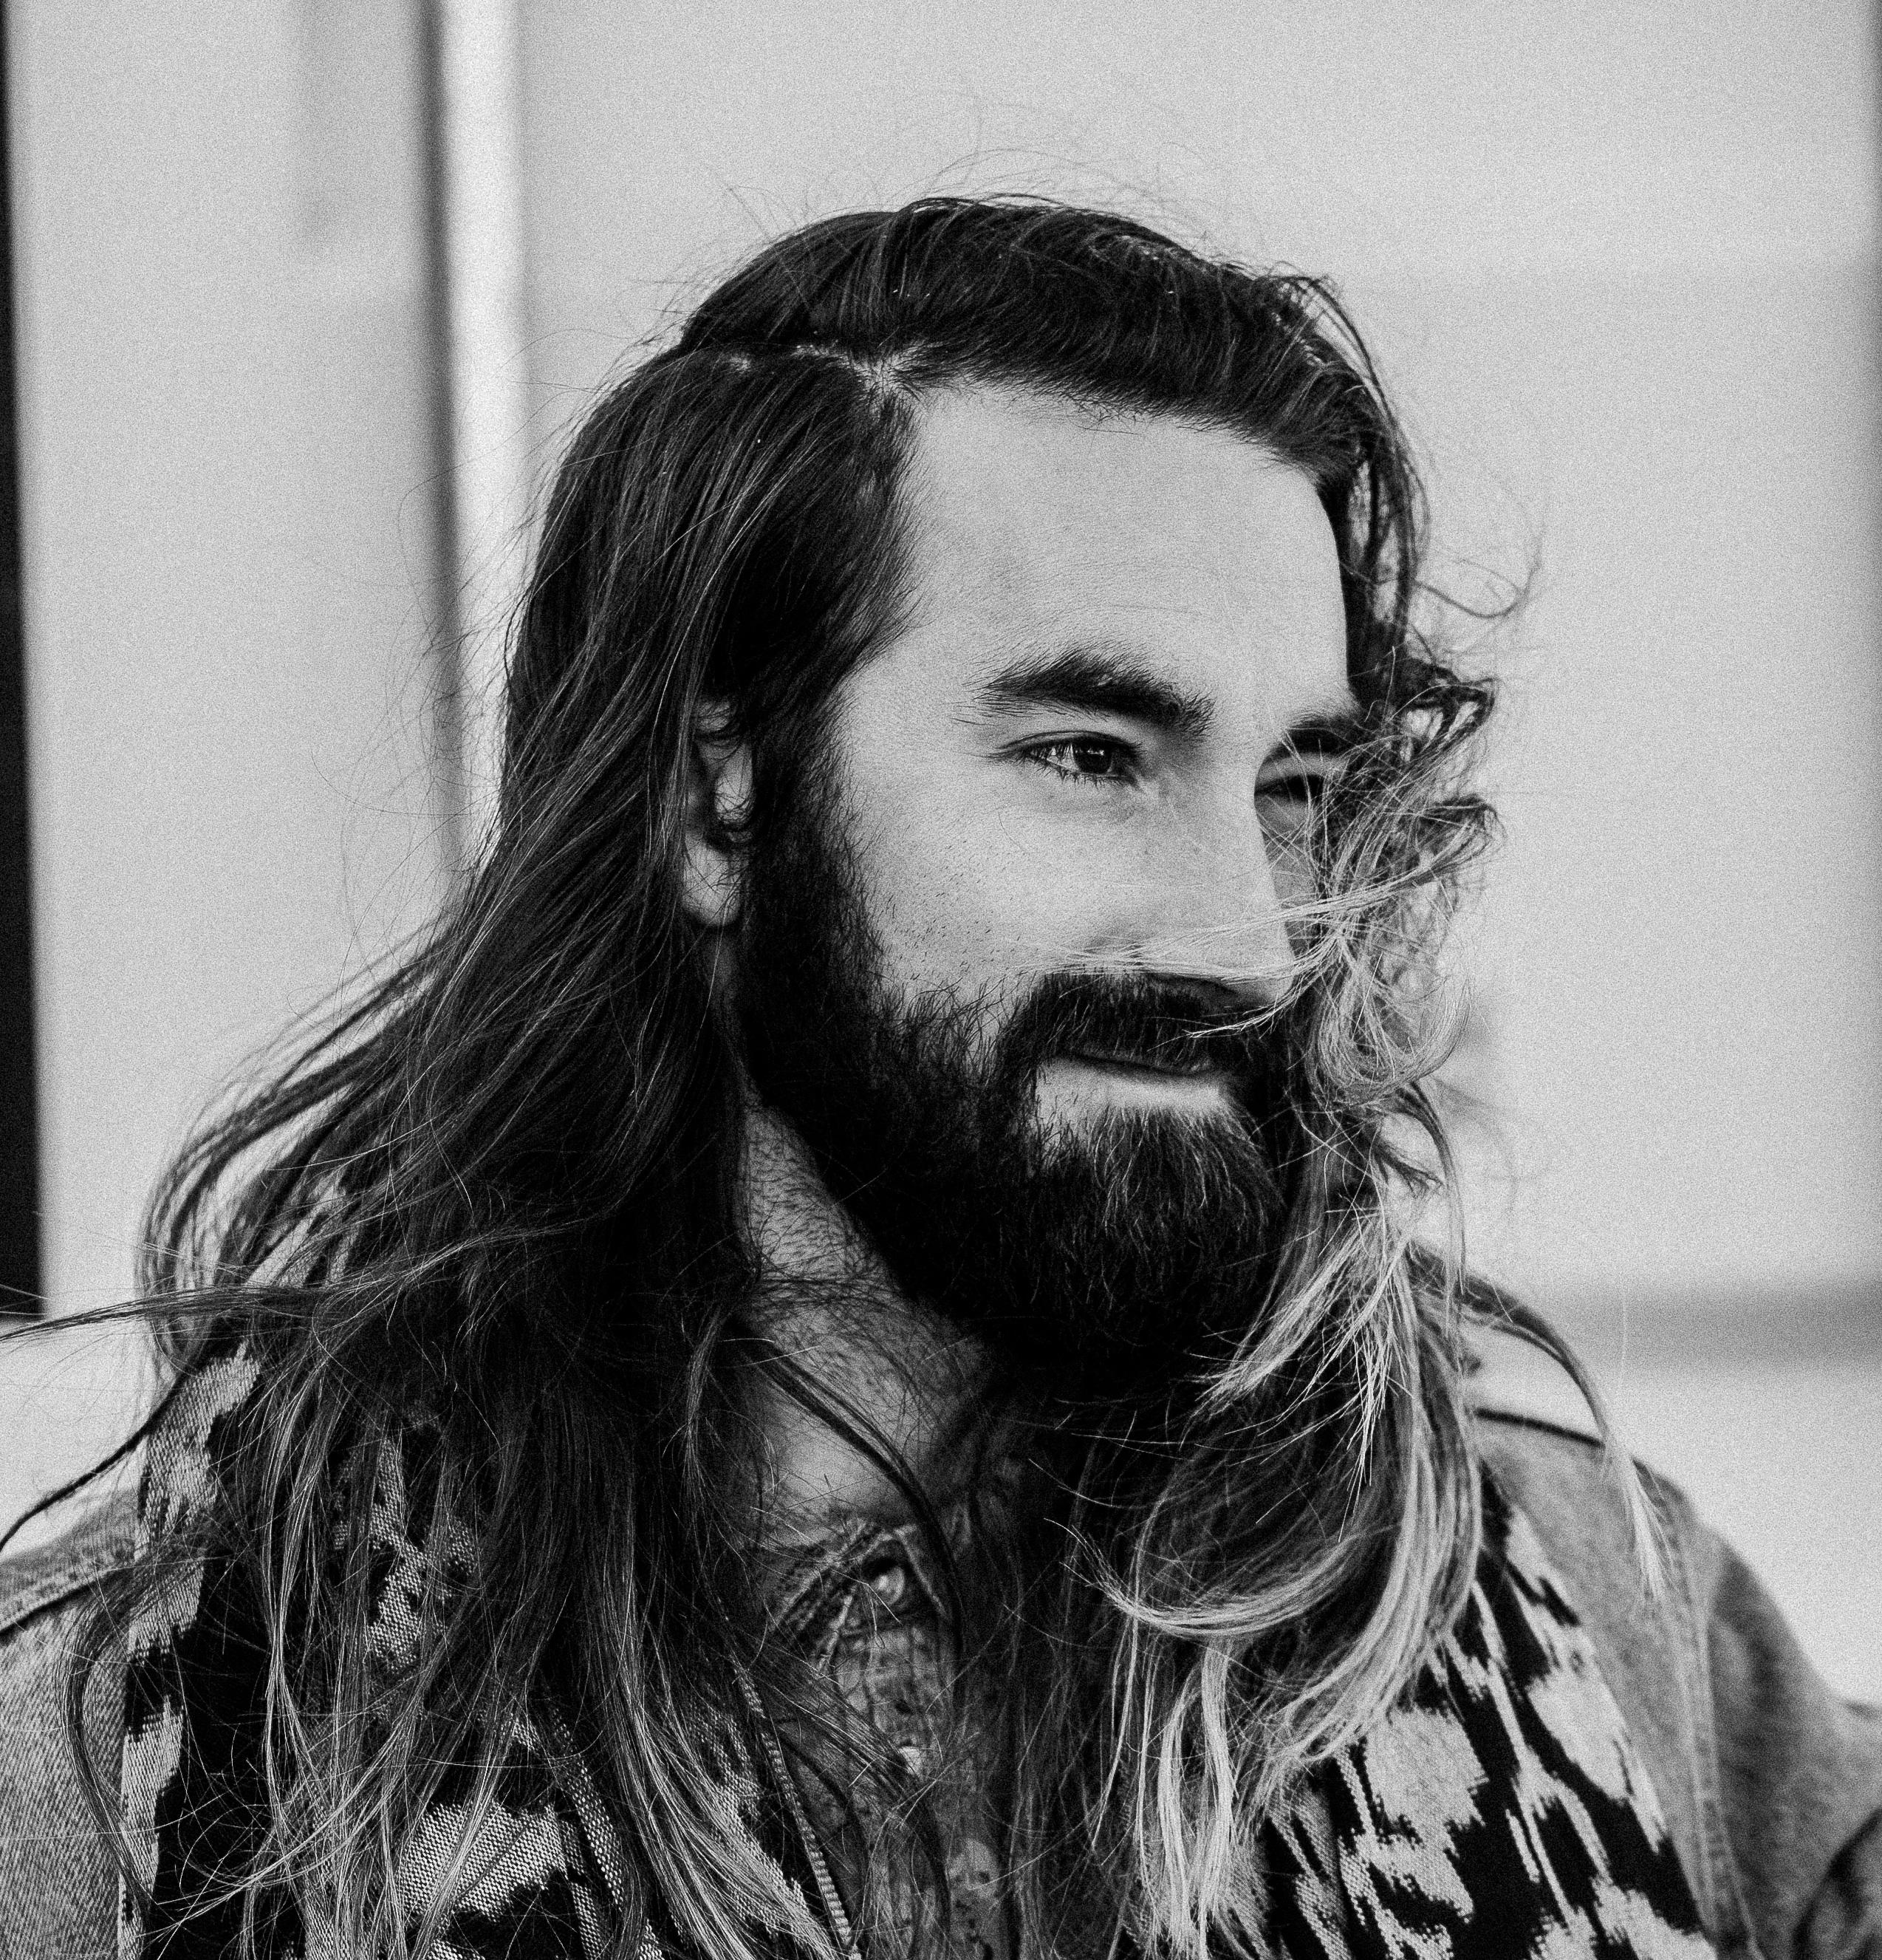 homme noir et blanc cheveux mâle gars portrait Monochrome Coiffure barbe  cheveux longs esquisser dessin moustache